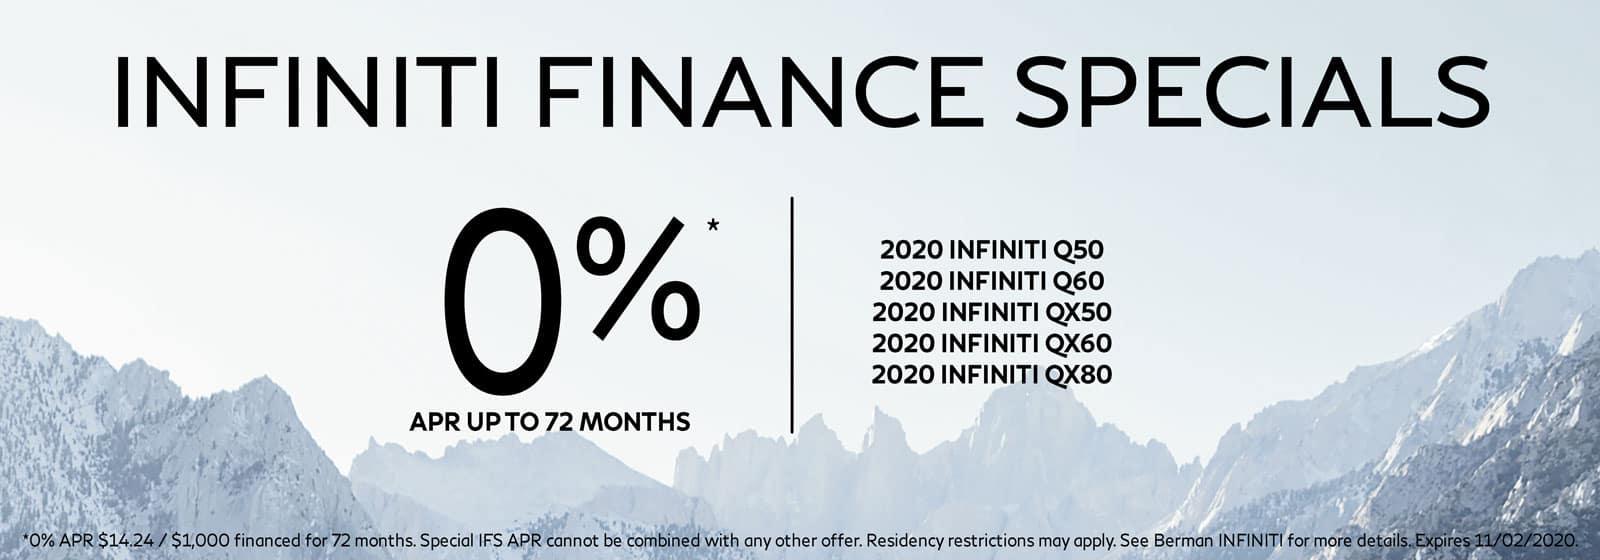 INFINITI October Finance Specials